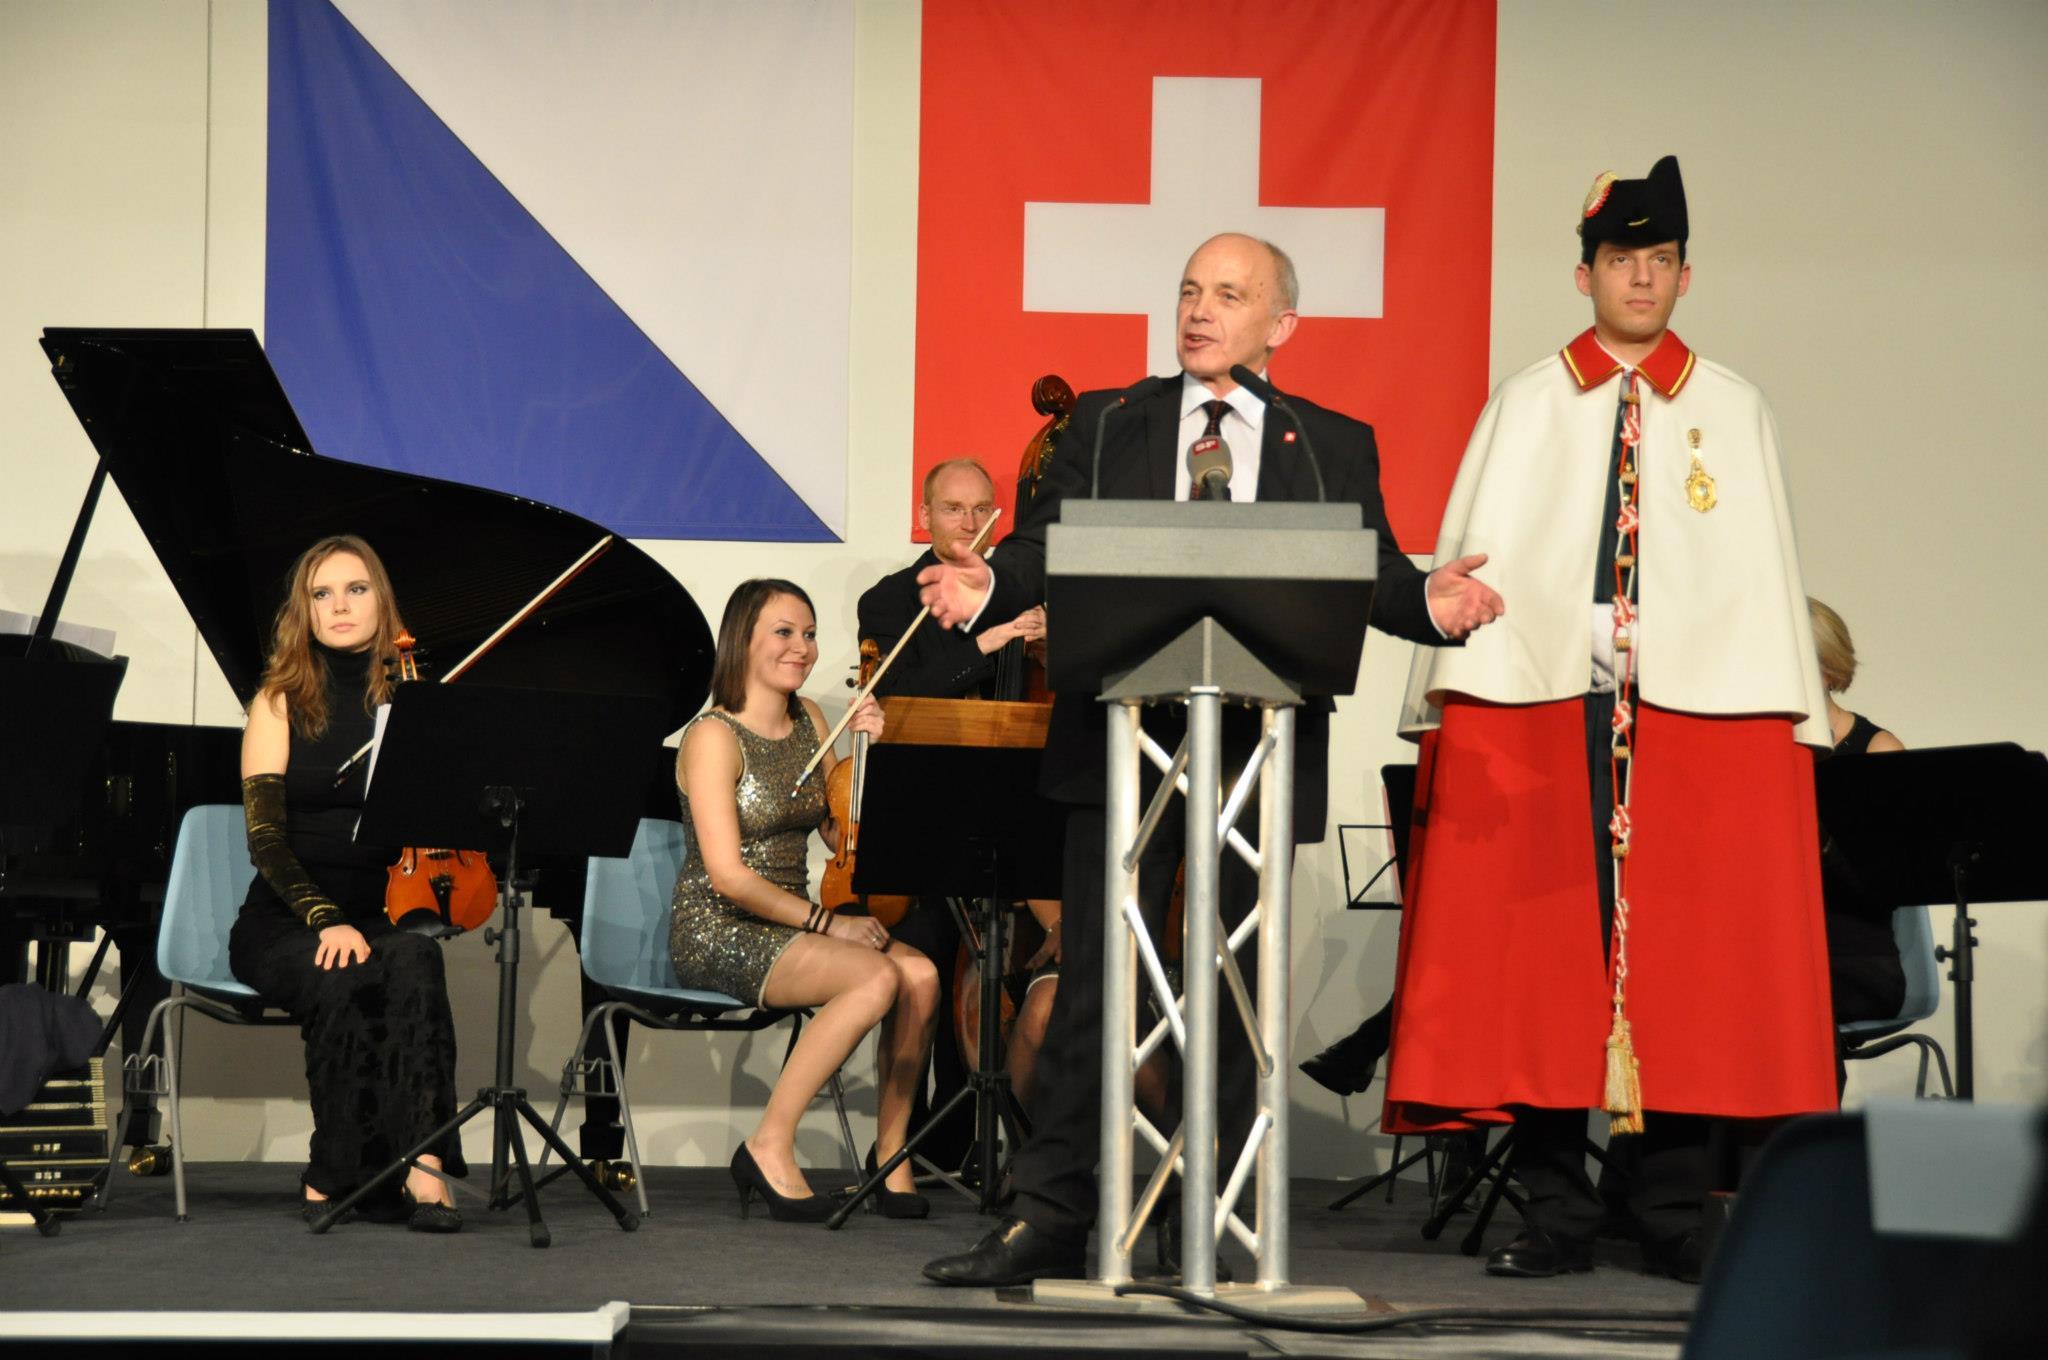 Ueli Maurer - Wahlfeier (Landesmuseum Zürich) 13.12.2012. K.Timokhina 1-Violine (Auf dem Foto-Links)